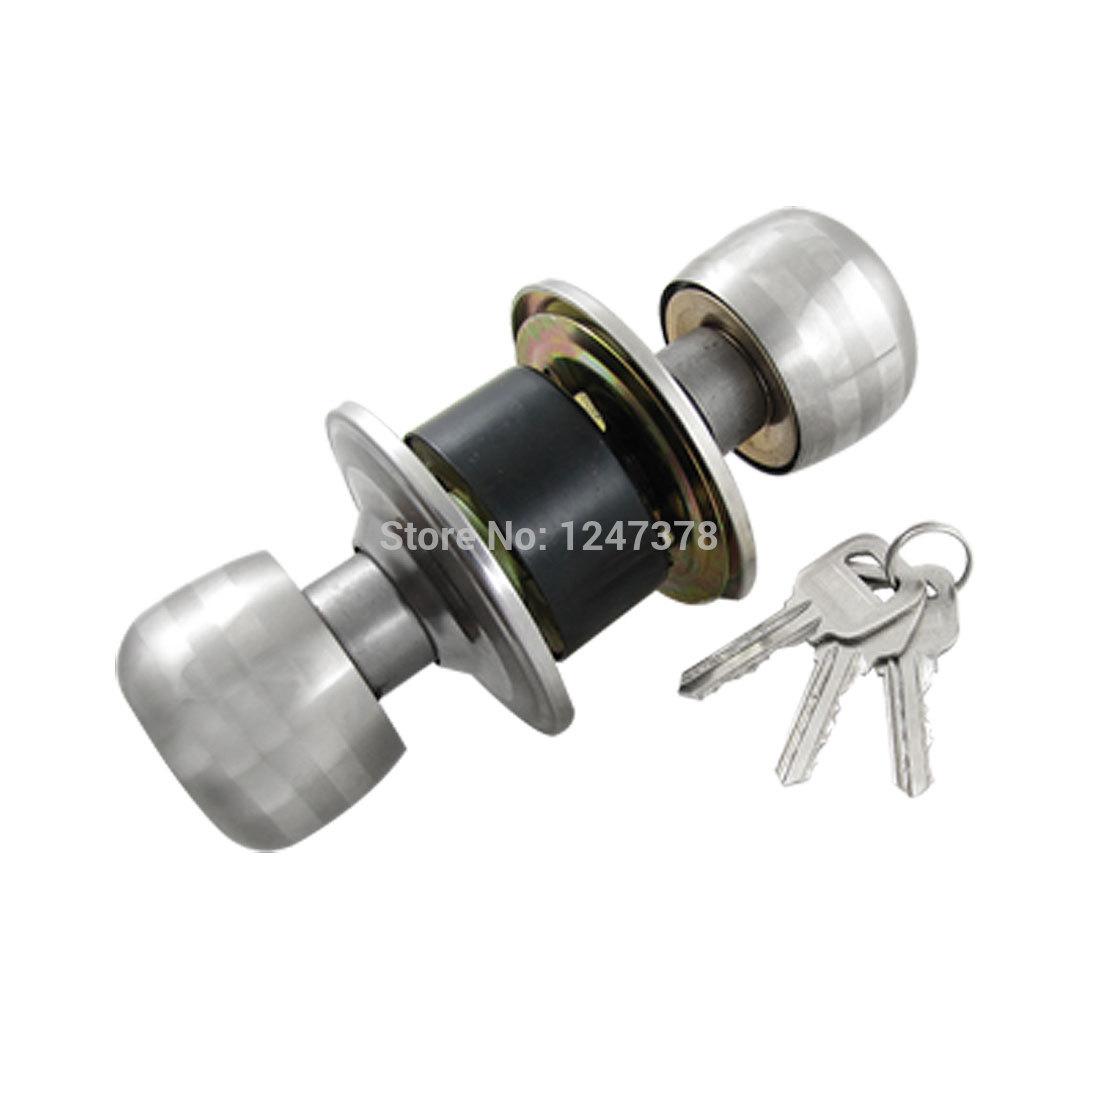 bedroom door knob with key lock photo - 3